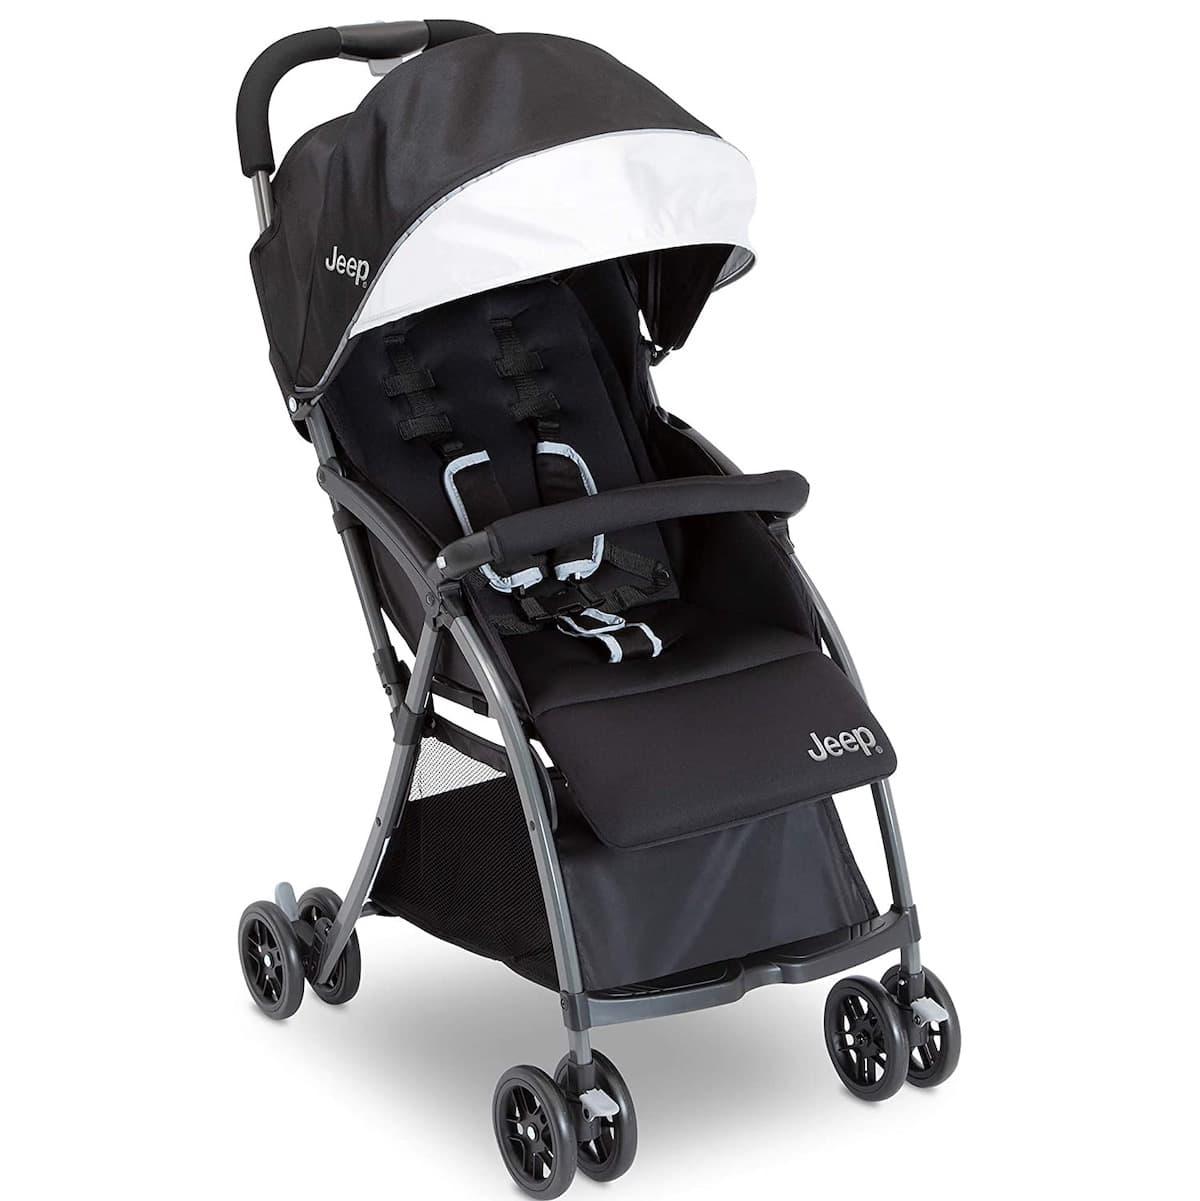 Jeep Ultralight Stroller for Toddler